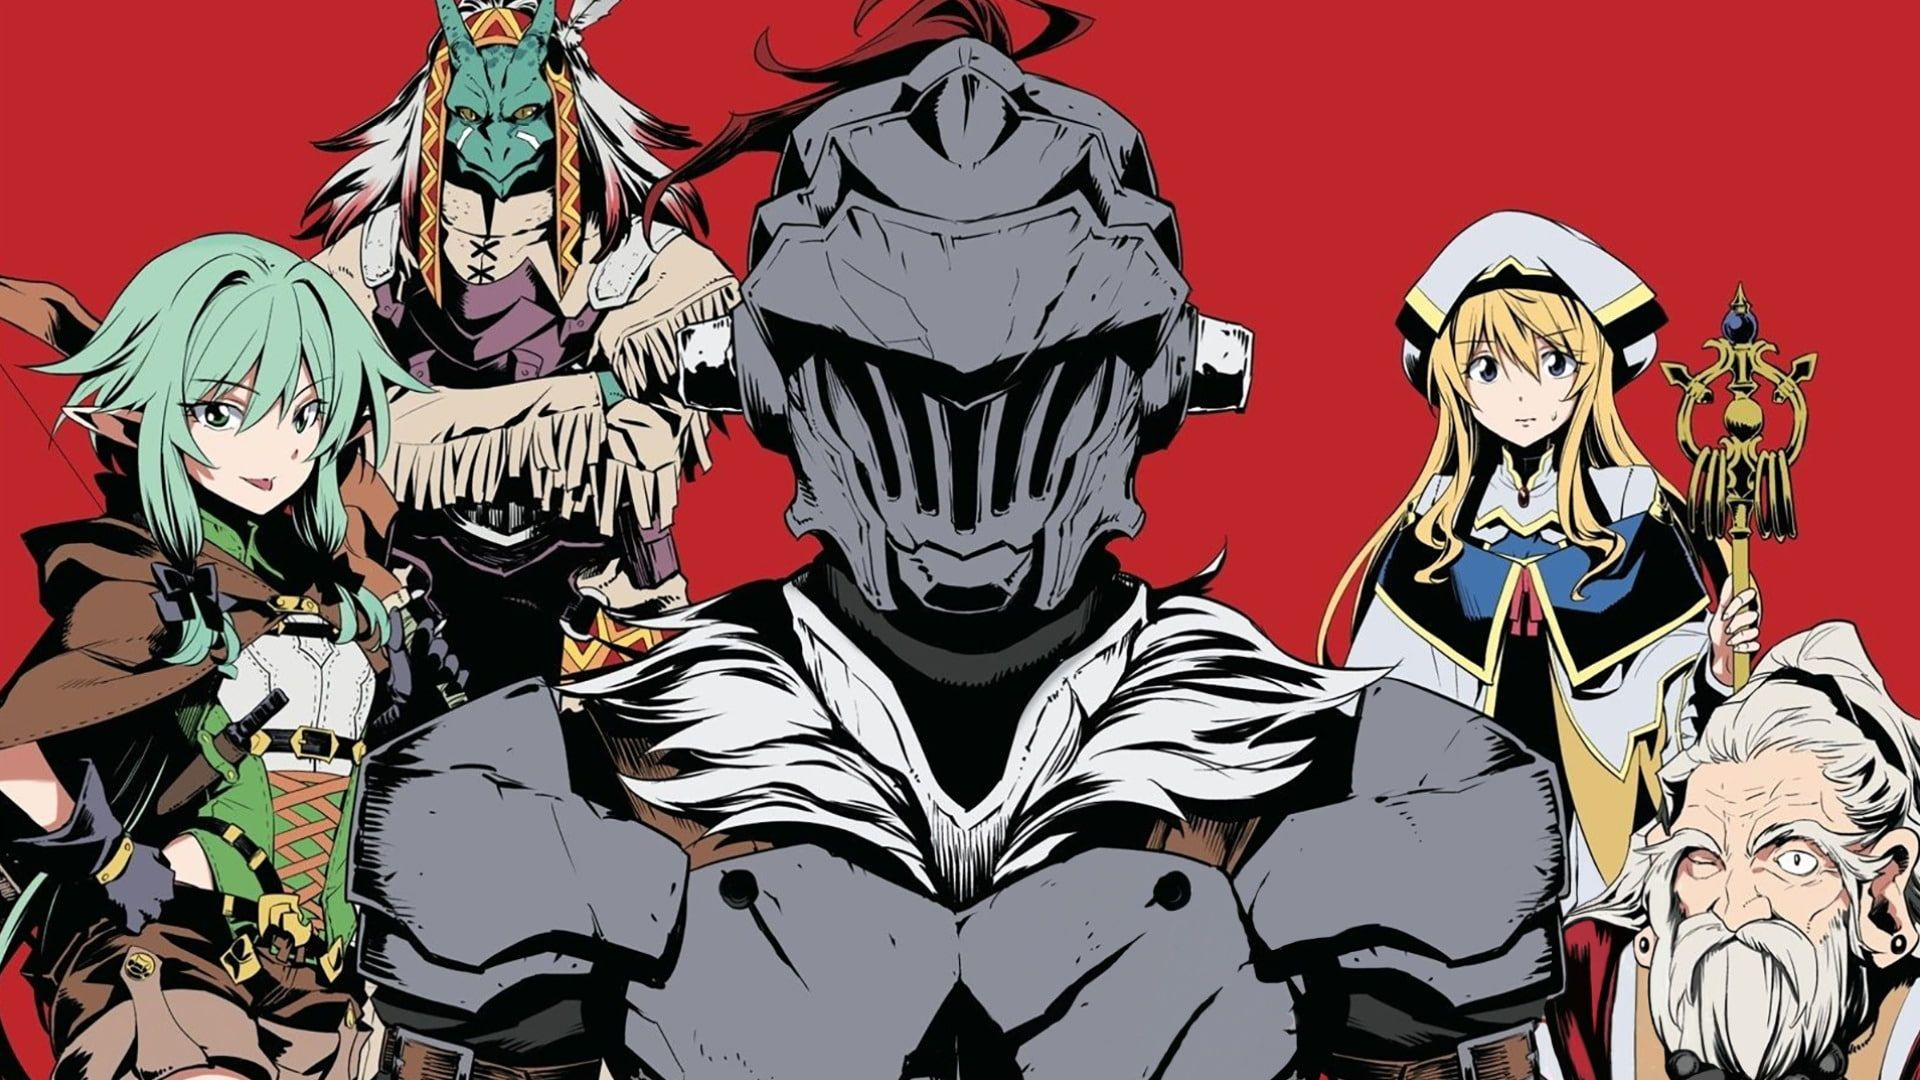 Anime Goblin Slayer 1080p Wallpaper Hdwallpaper Desktop Anime Cover Wallpaper Goblin